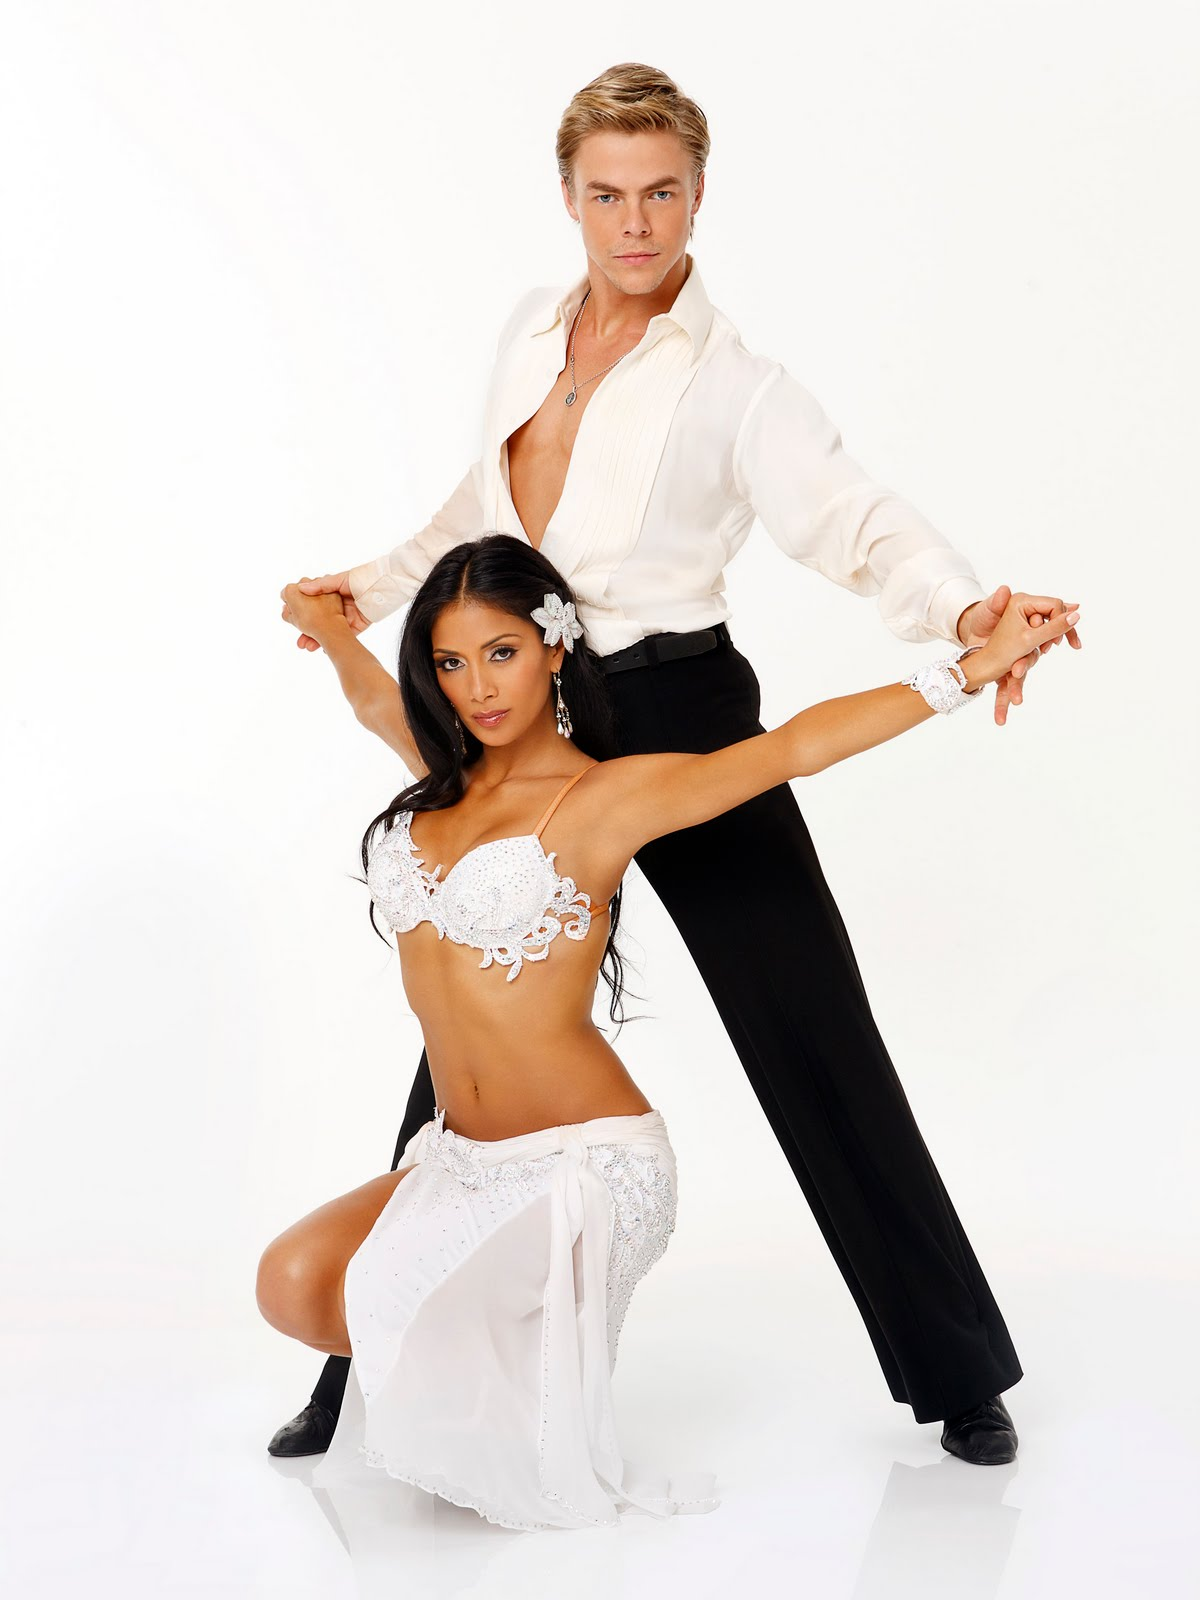 http://1.bp.blogspot.com/_TOYF0YCu5BA/S_0vApkf4PI/AAAAAAAAAgc/pq_FcCu8m-Q/s1600/Nicole-Scherzinger-Derek-Hough-Dancing-With-the-Stars.jpg